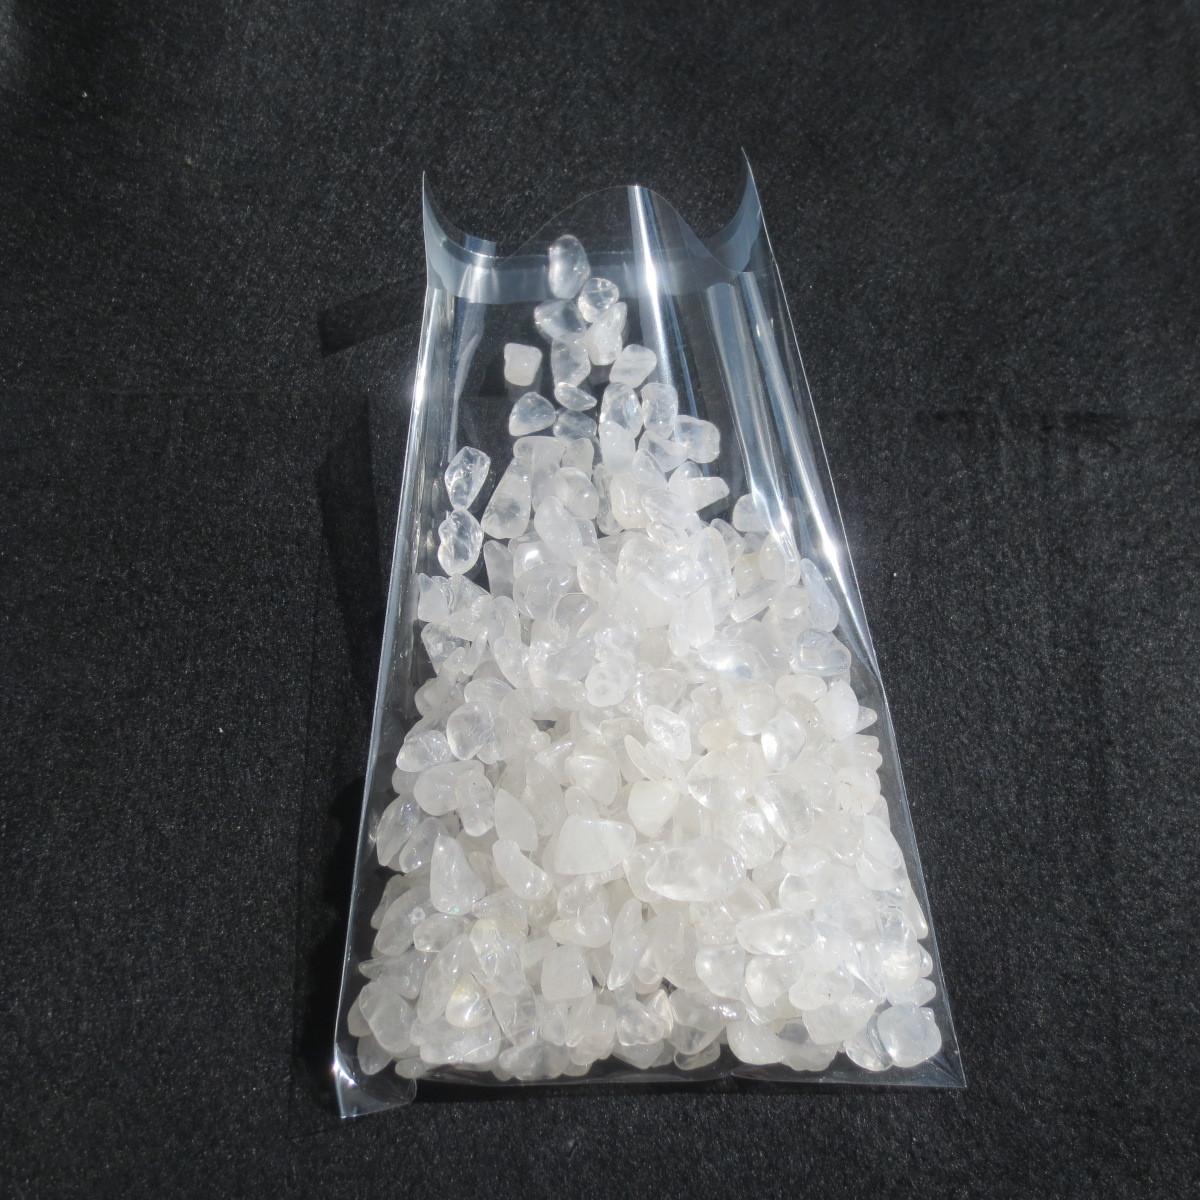 【本物】水晶粒 900g 大粒 さざれ石 チップ 砂利【送料無料】天然/本物/玉/原石_画像3